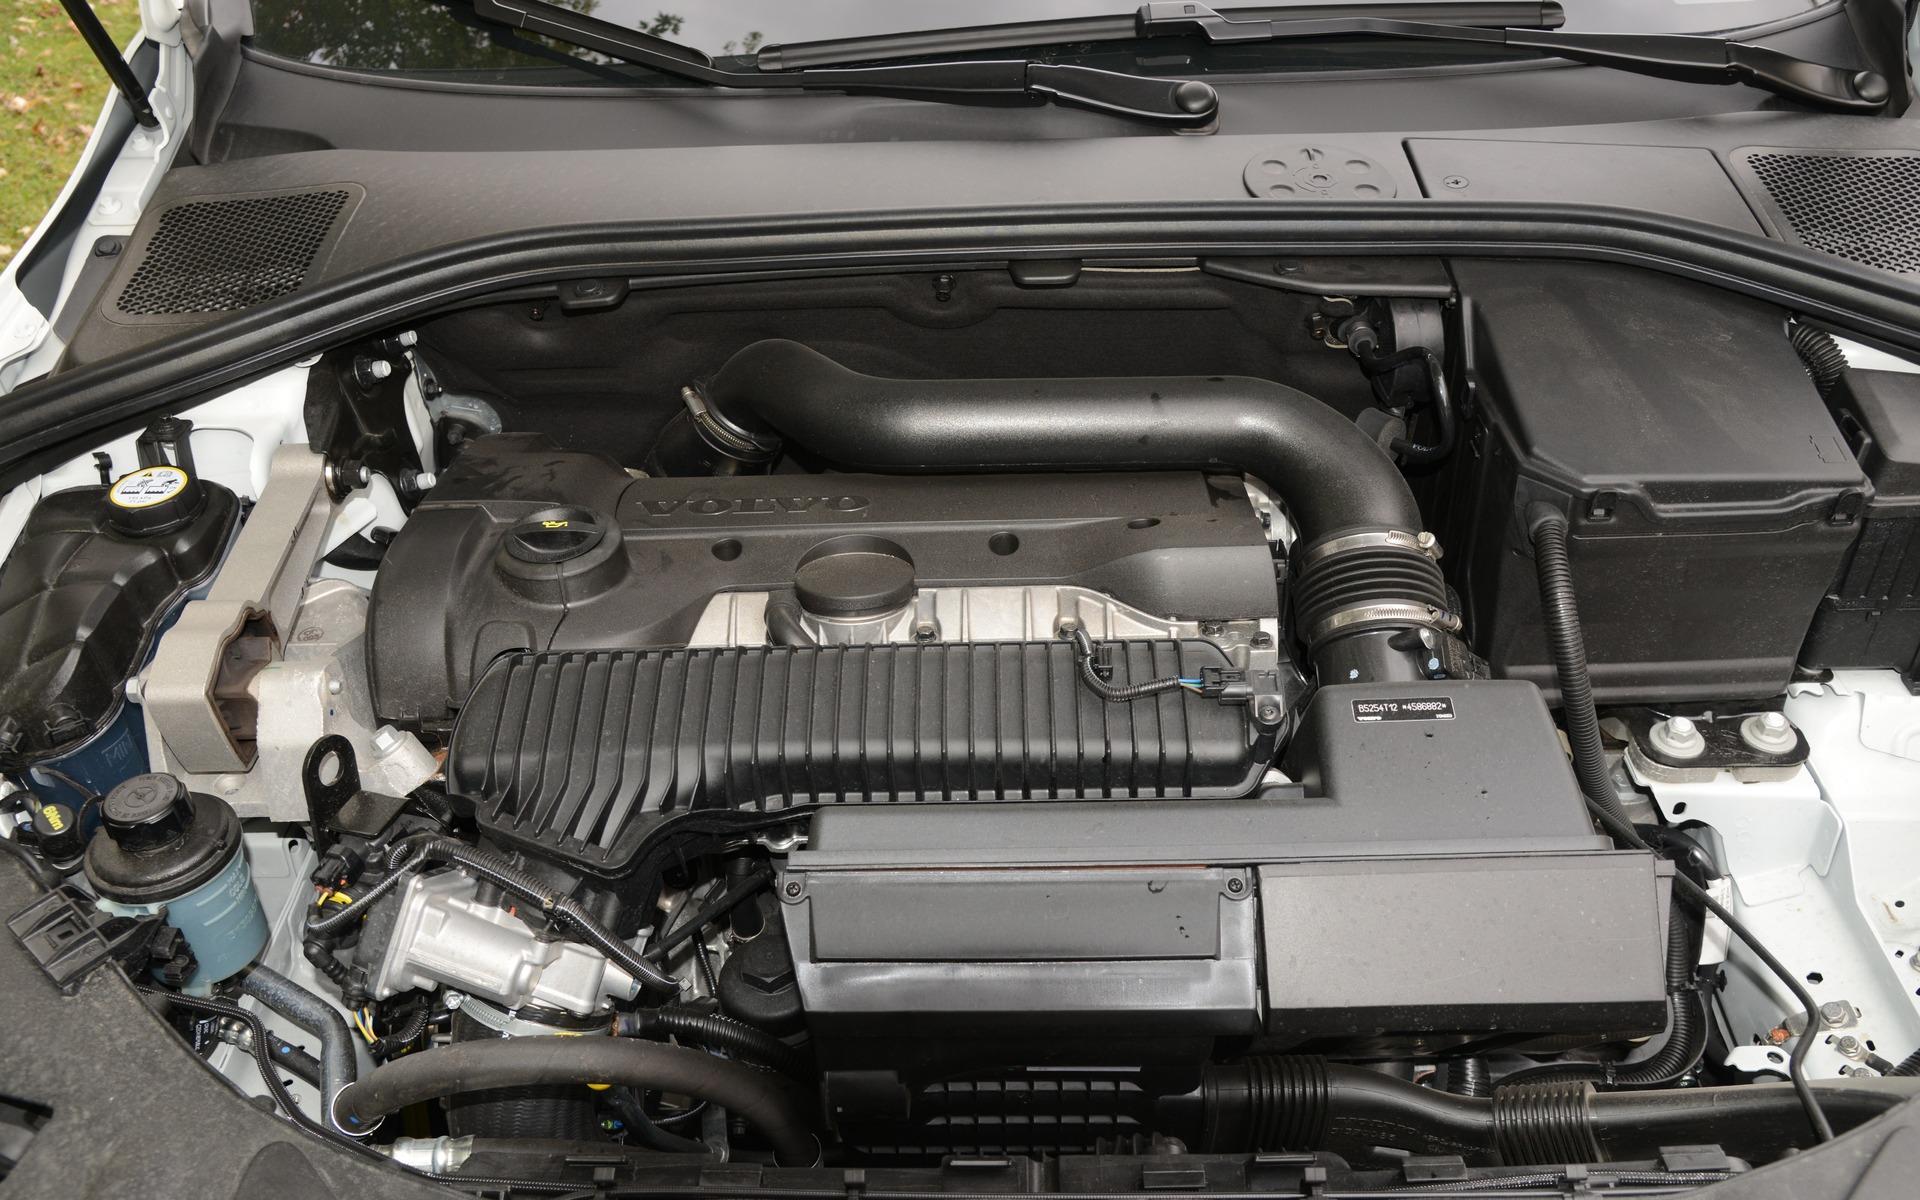 En 2017, les seuls moteurs offerts sont des quatre cylindres.